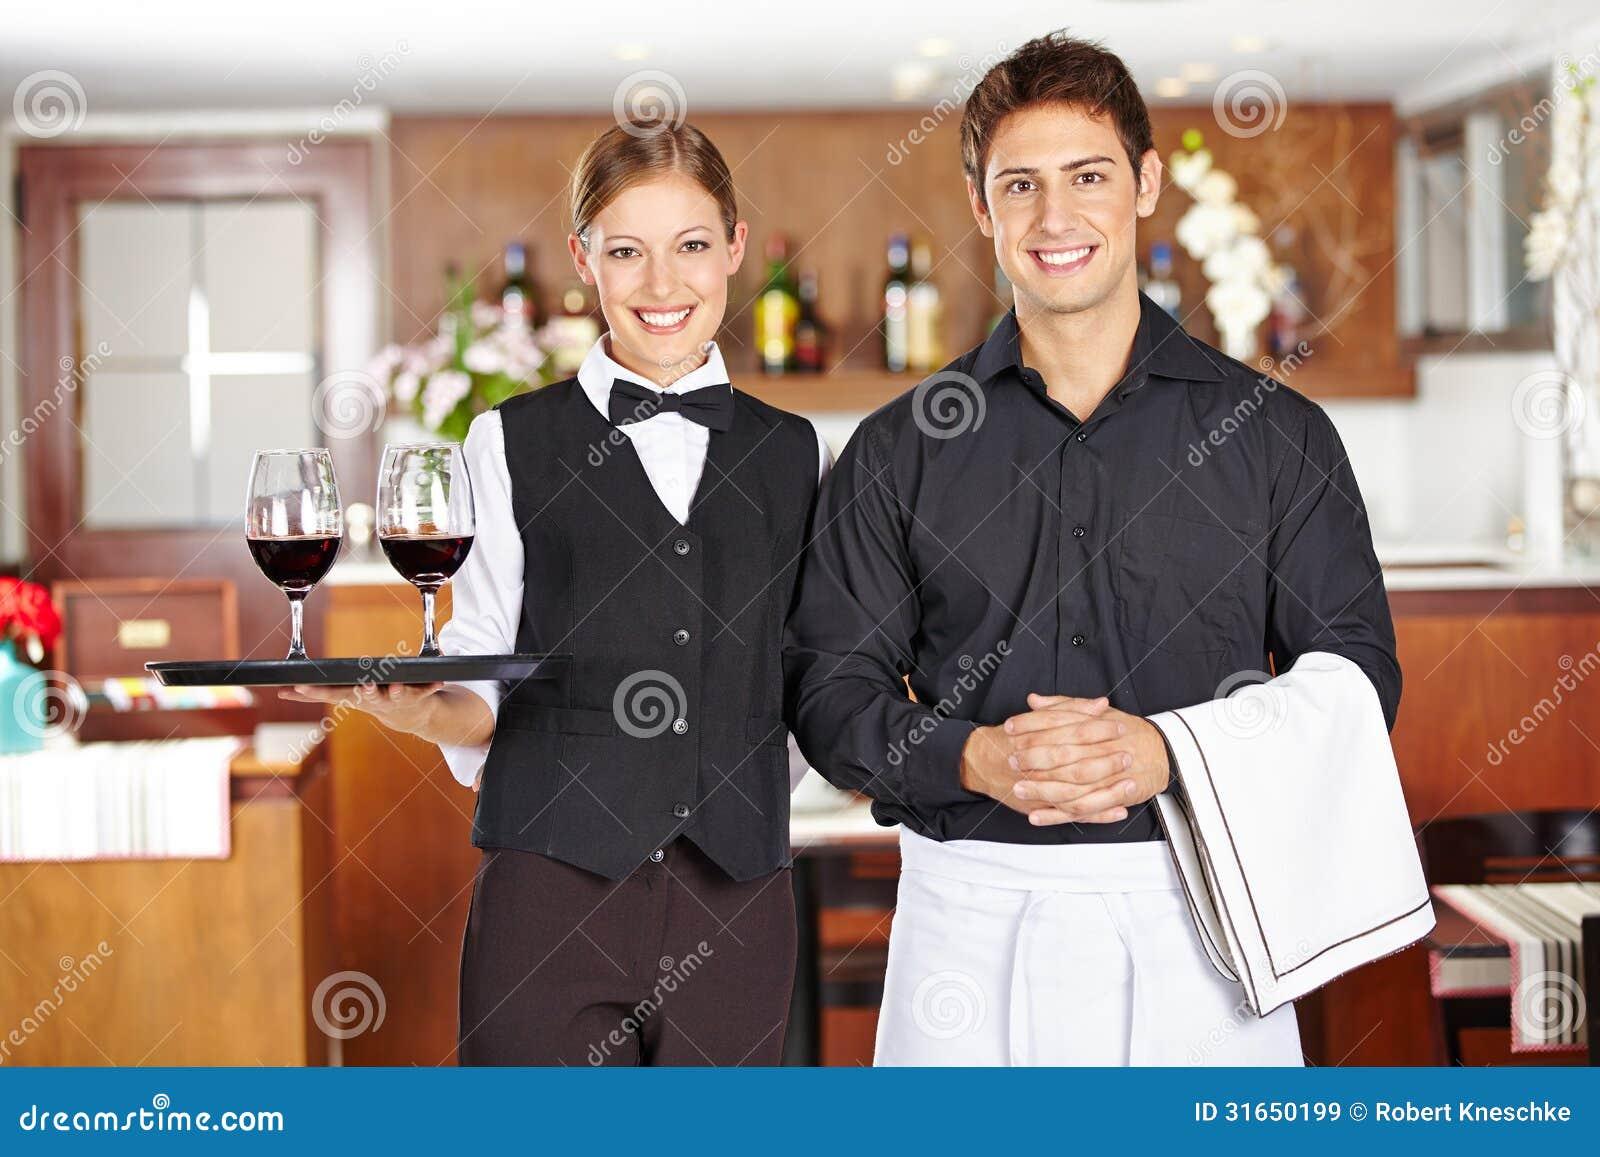 Lag av uppassarepersonalen i restaurang